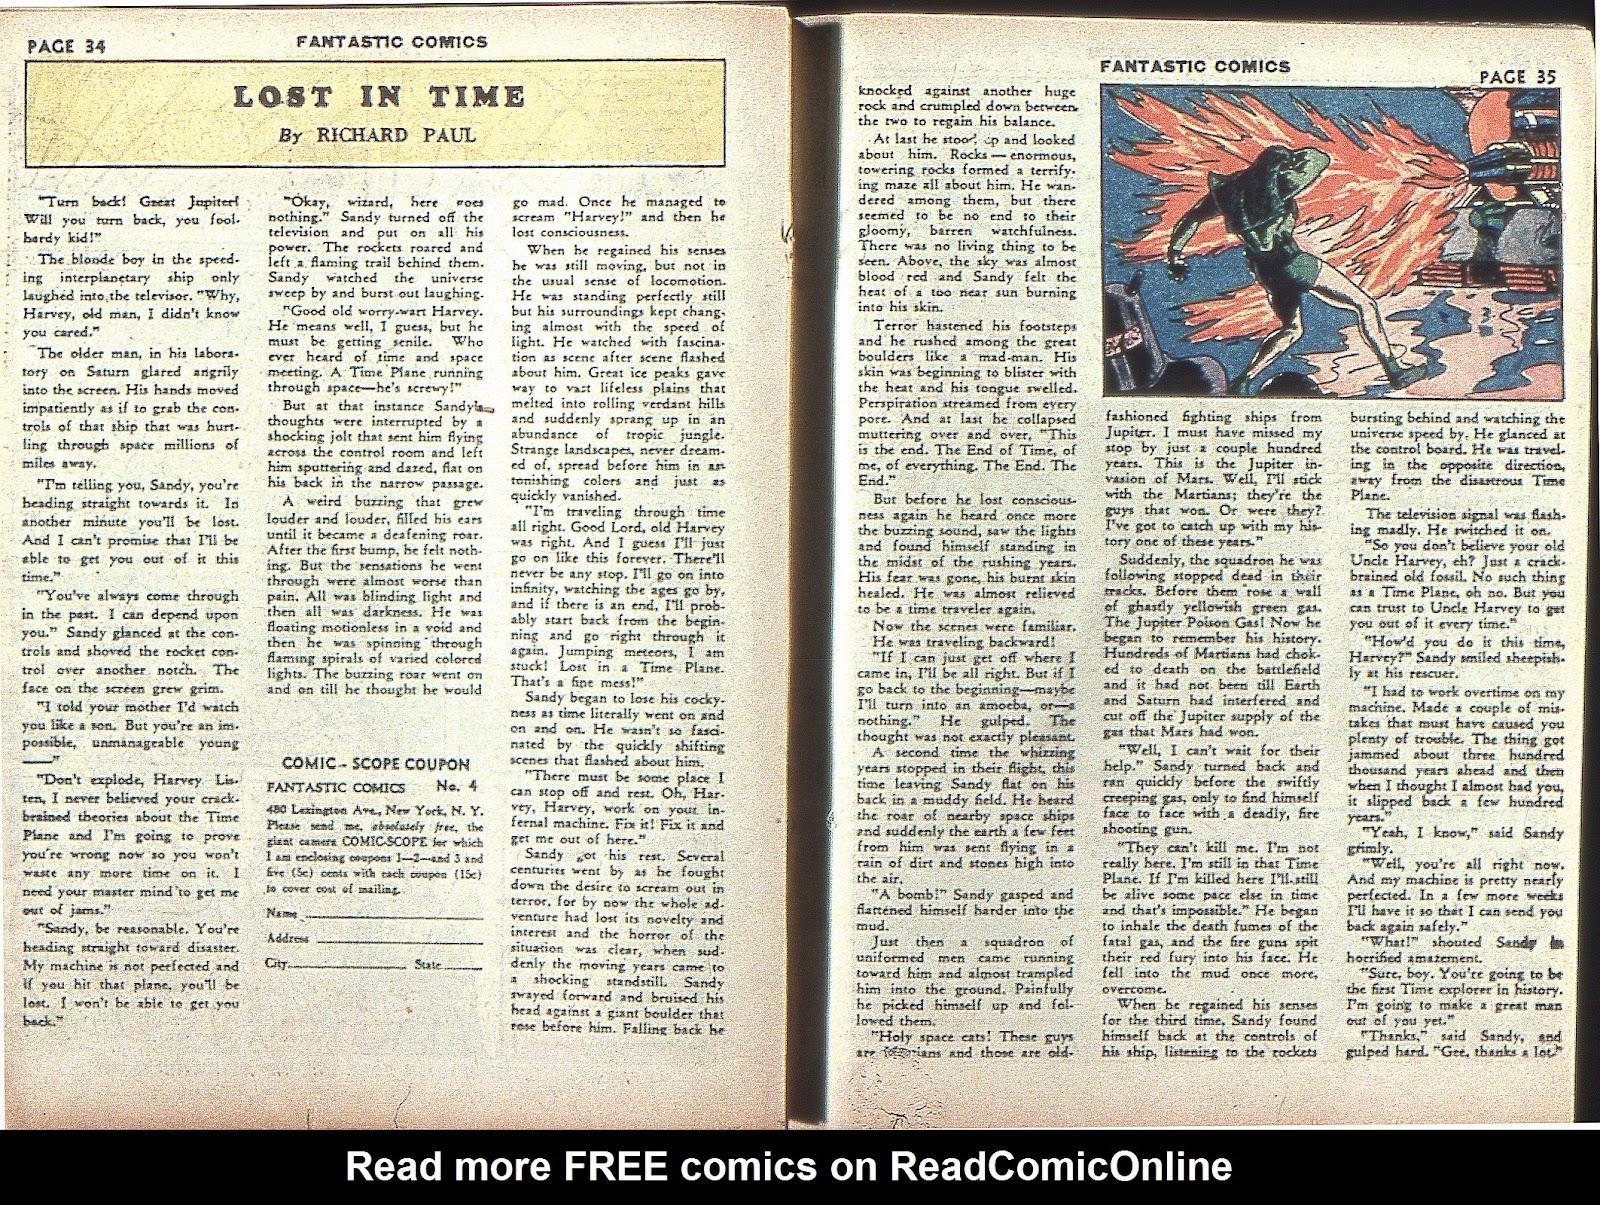 Read online Fantastic Comics comic -  Issue #4 - 36